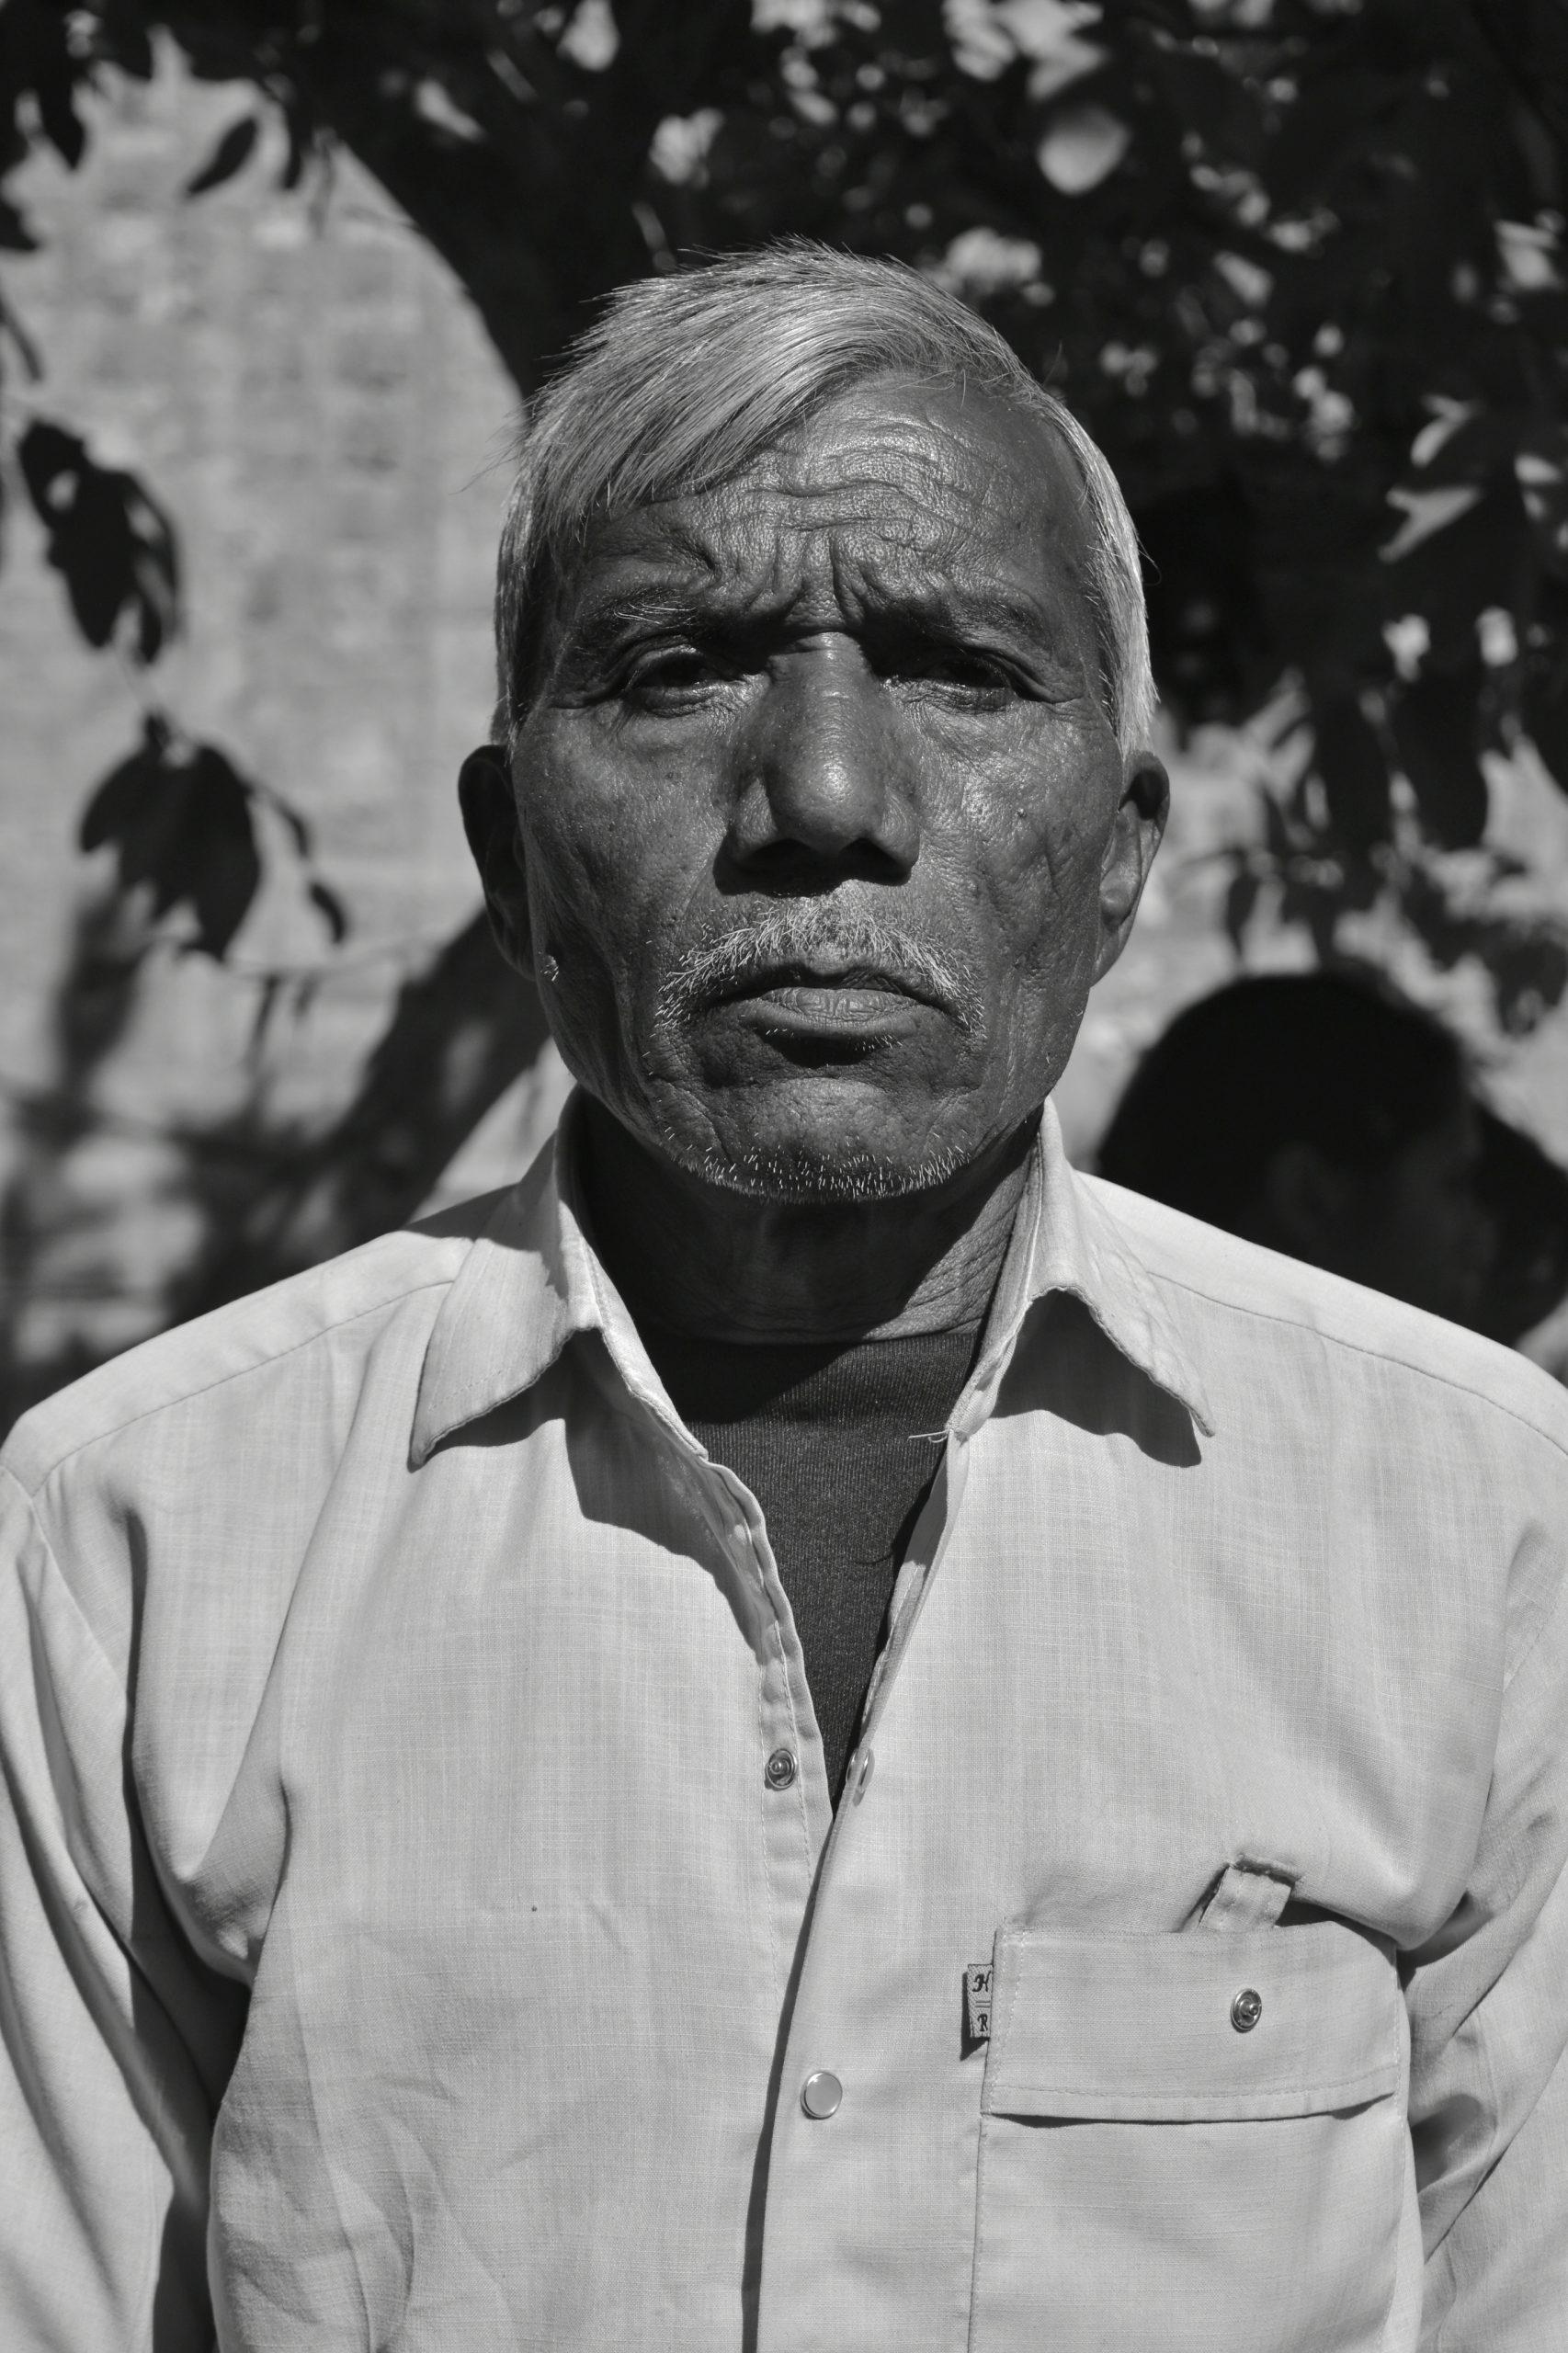 Old man posing